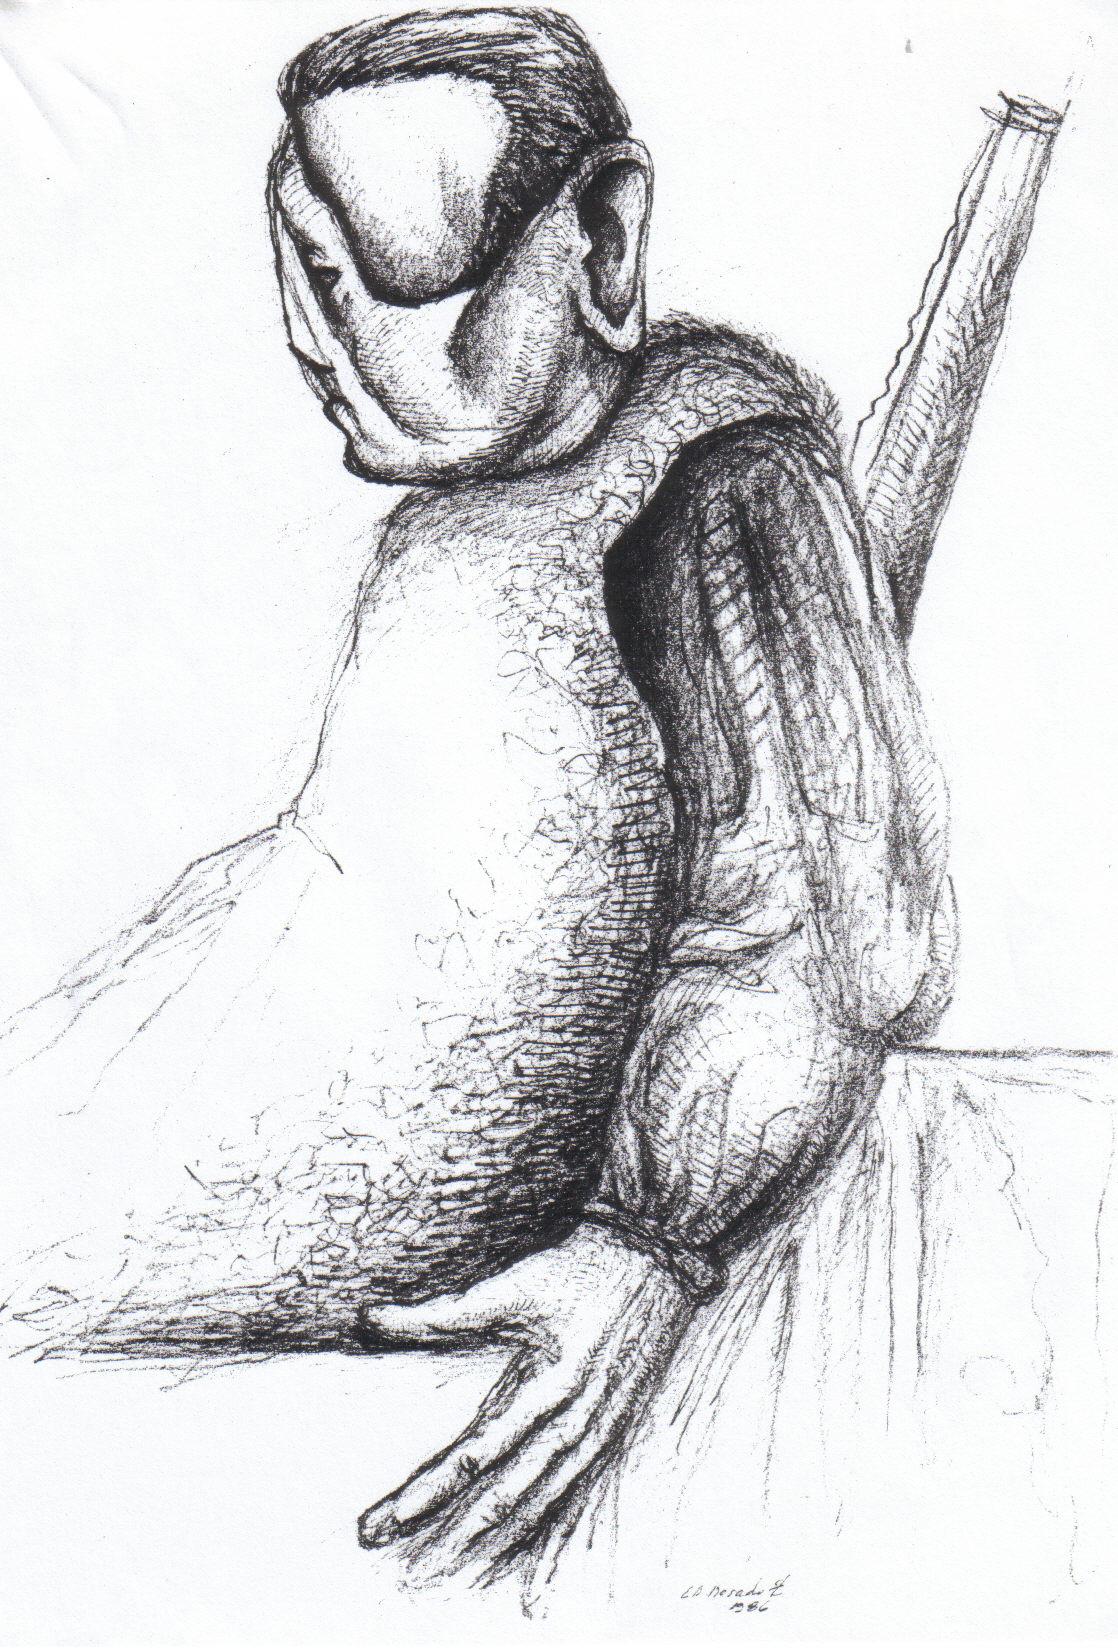 dibujoeduardo64